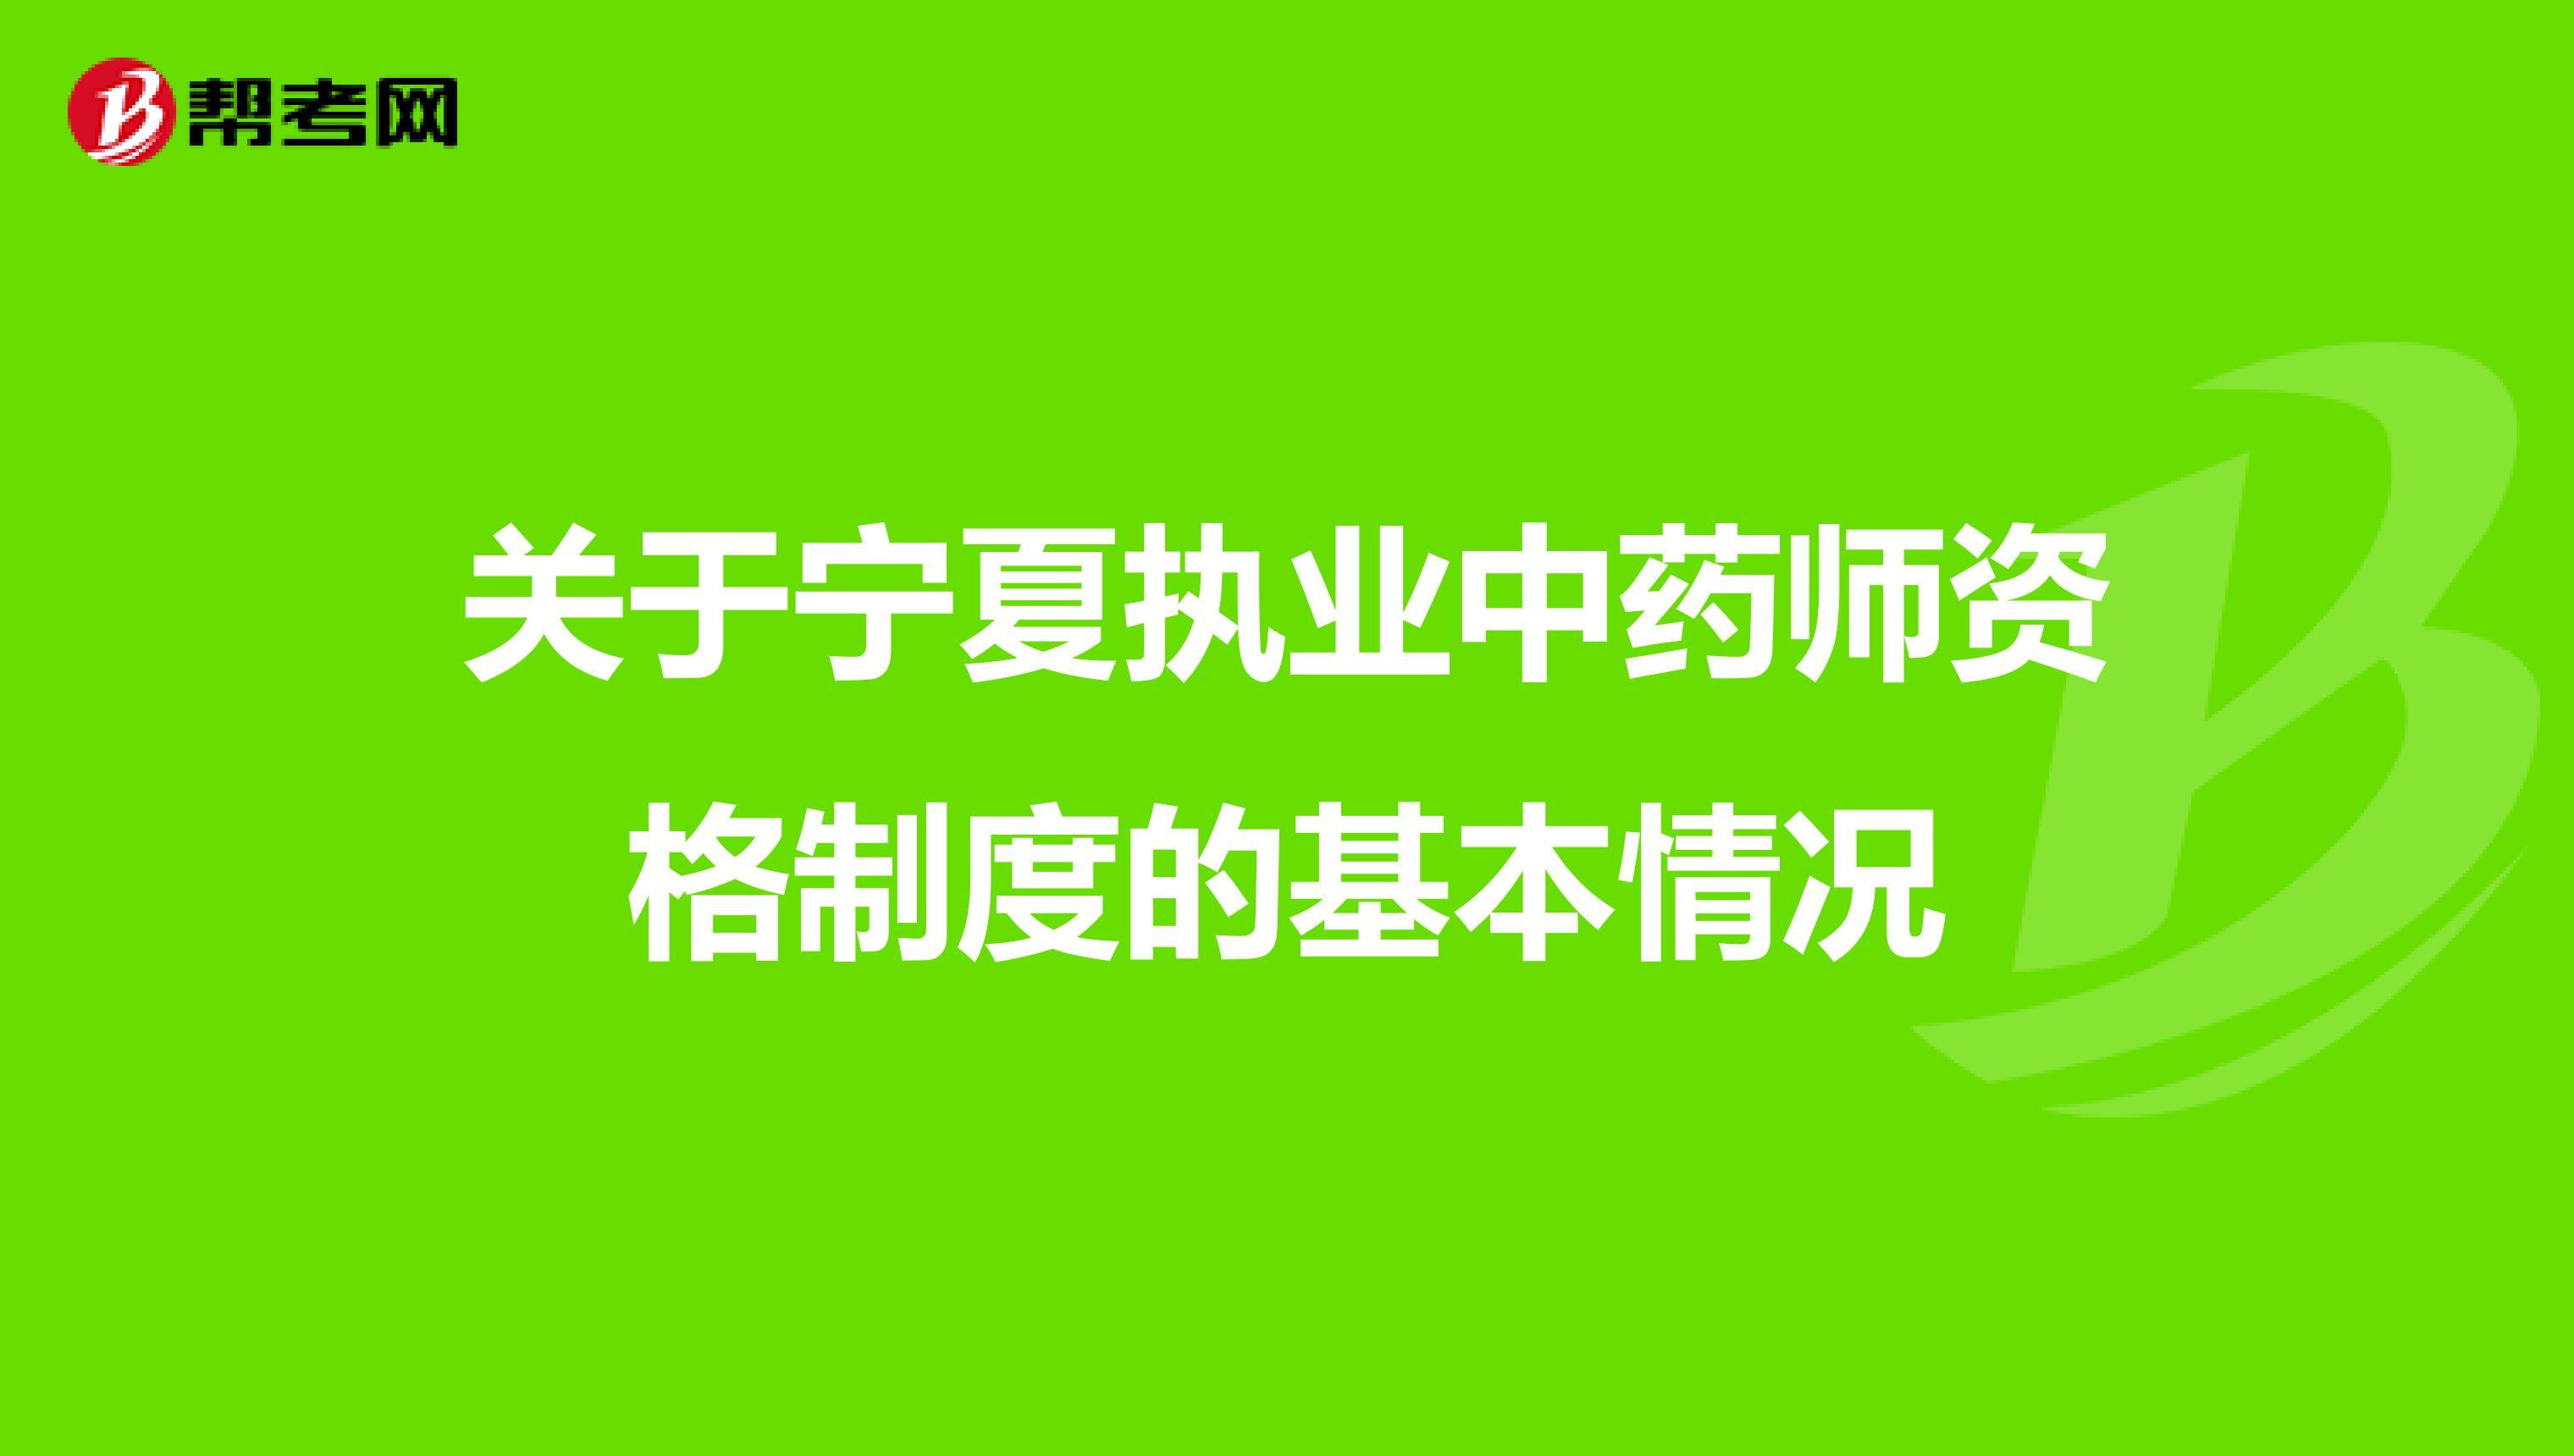 关于宁夏执业中药师资格制度的基本情况